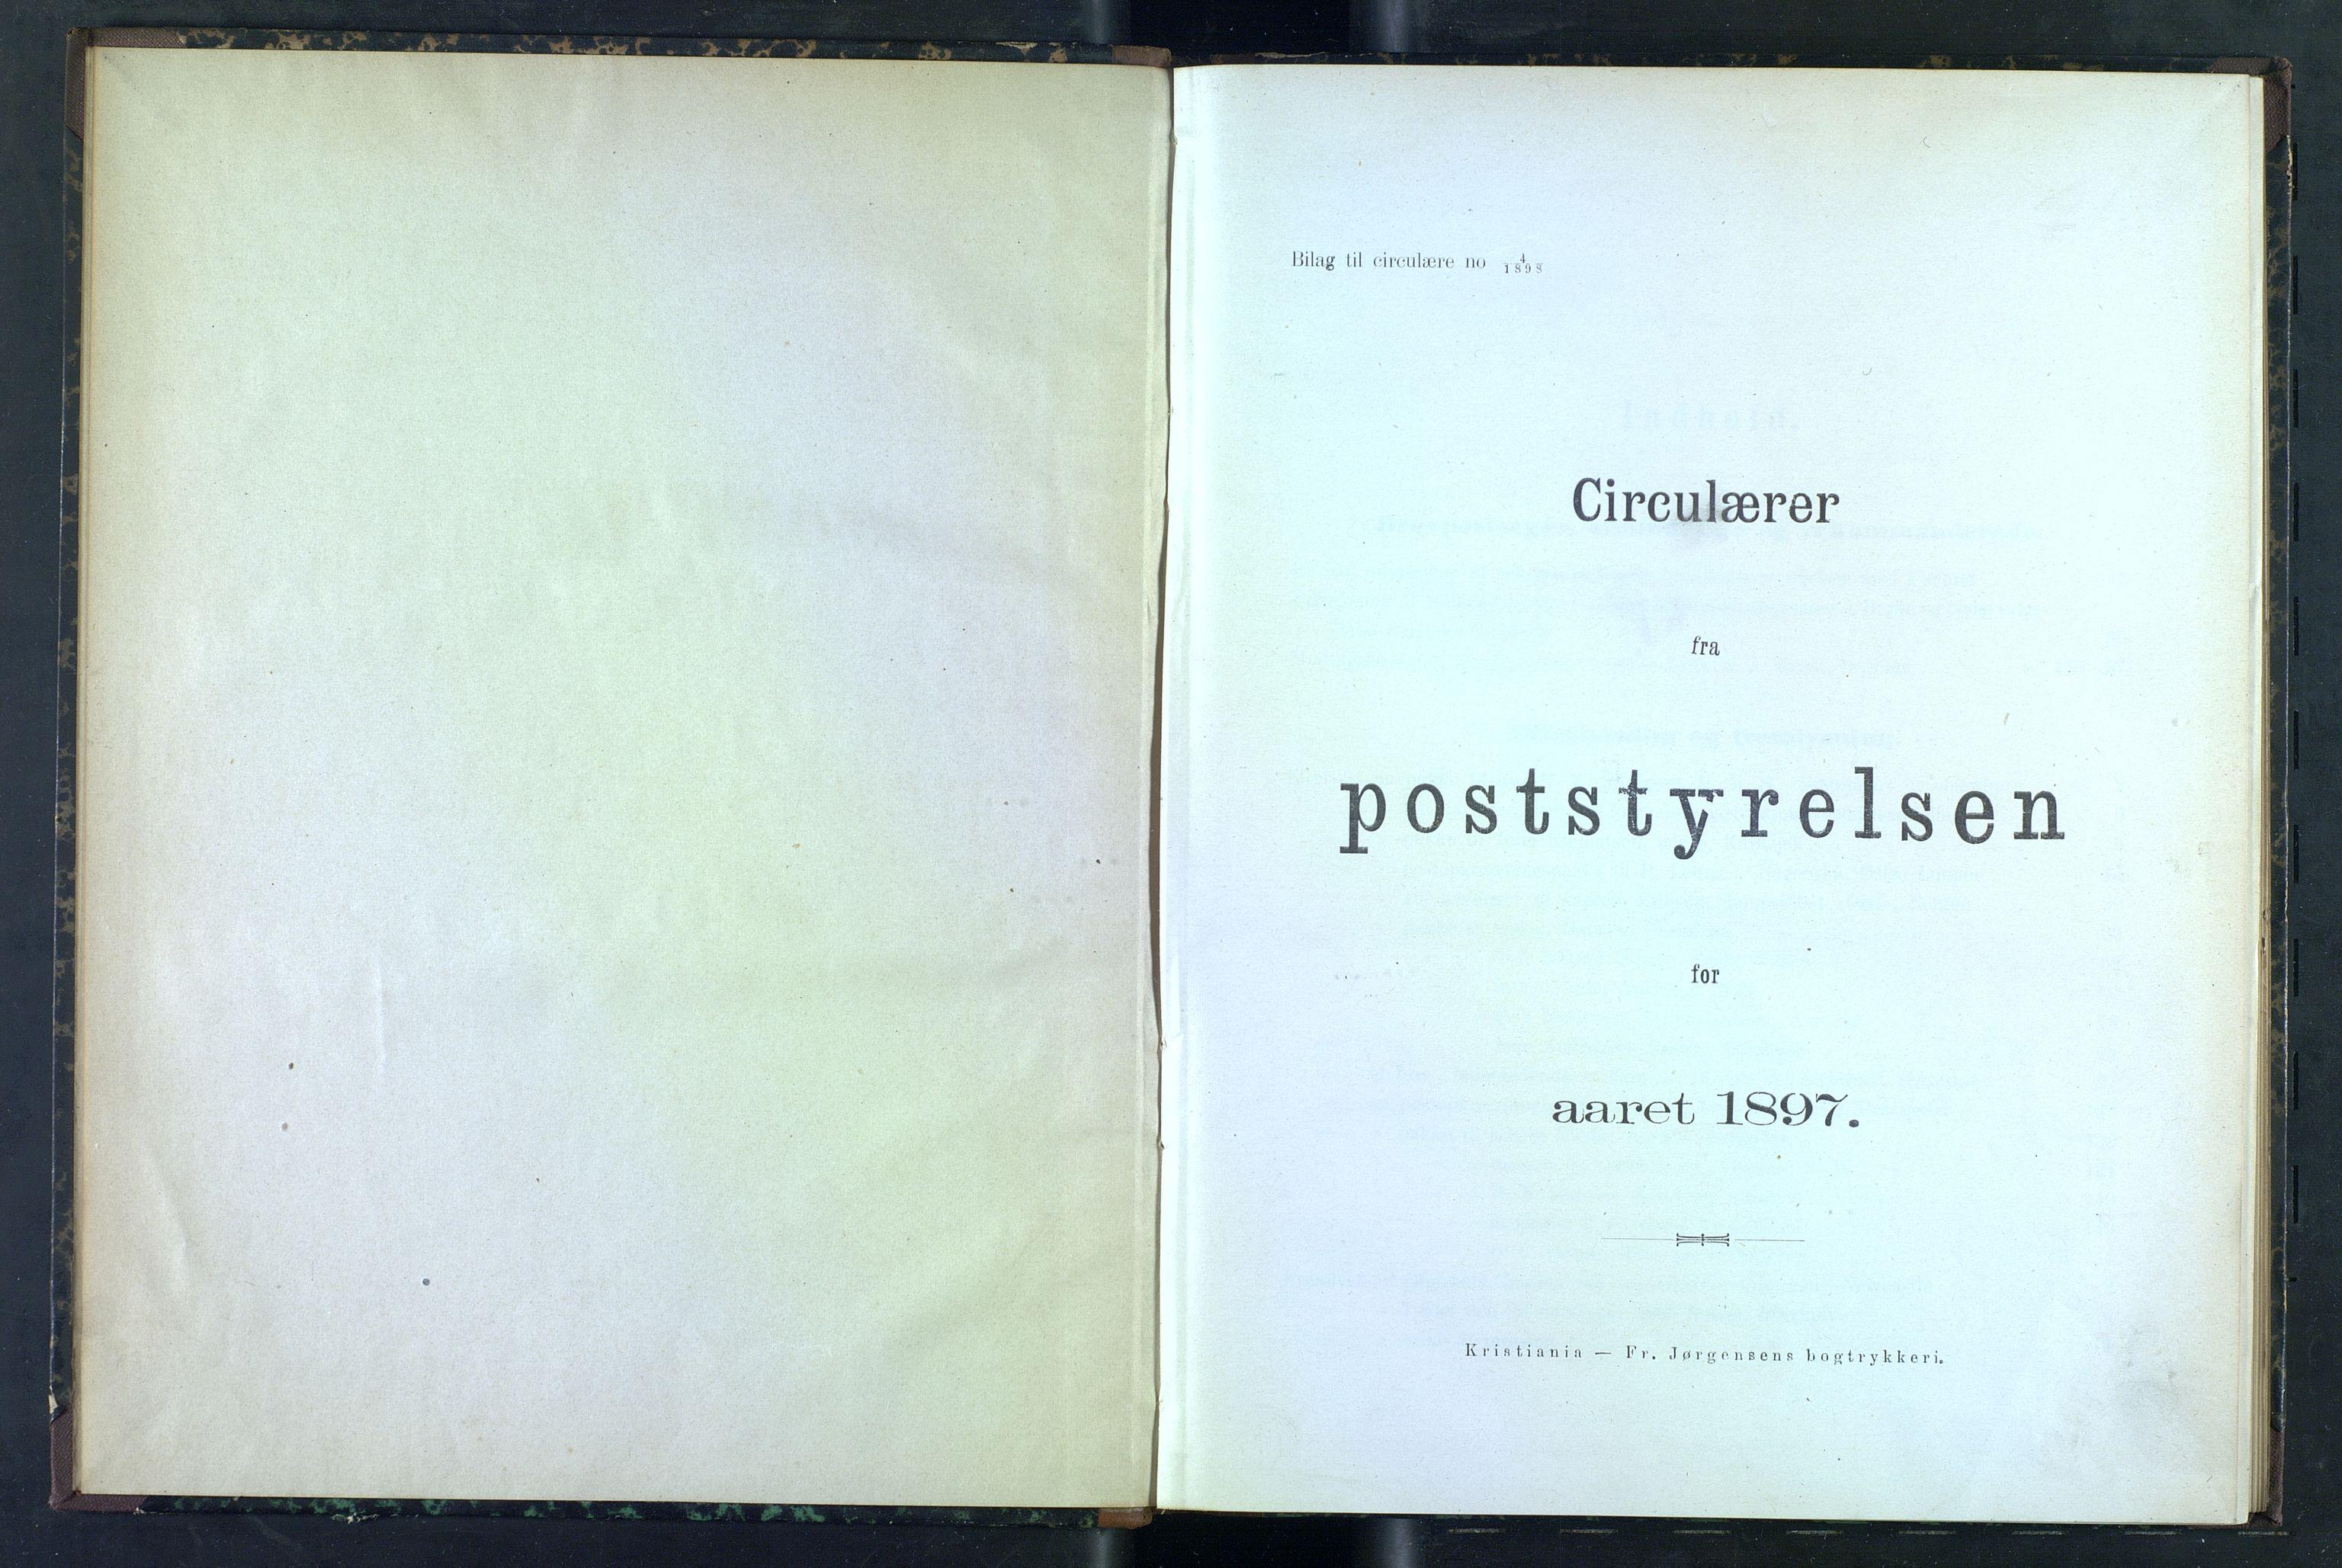 NOPO, Norges Postmuseums bibliotek, -/-: Sirkulærer fra Poststyrelsen, 1897